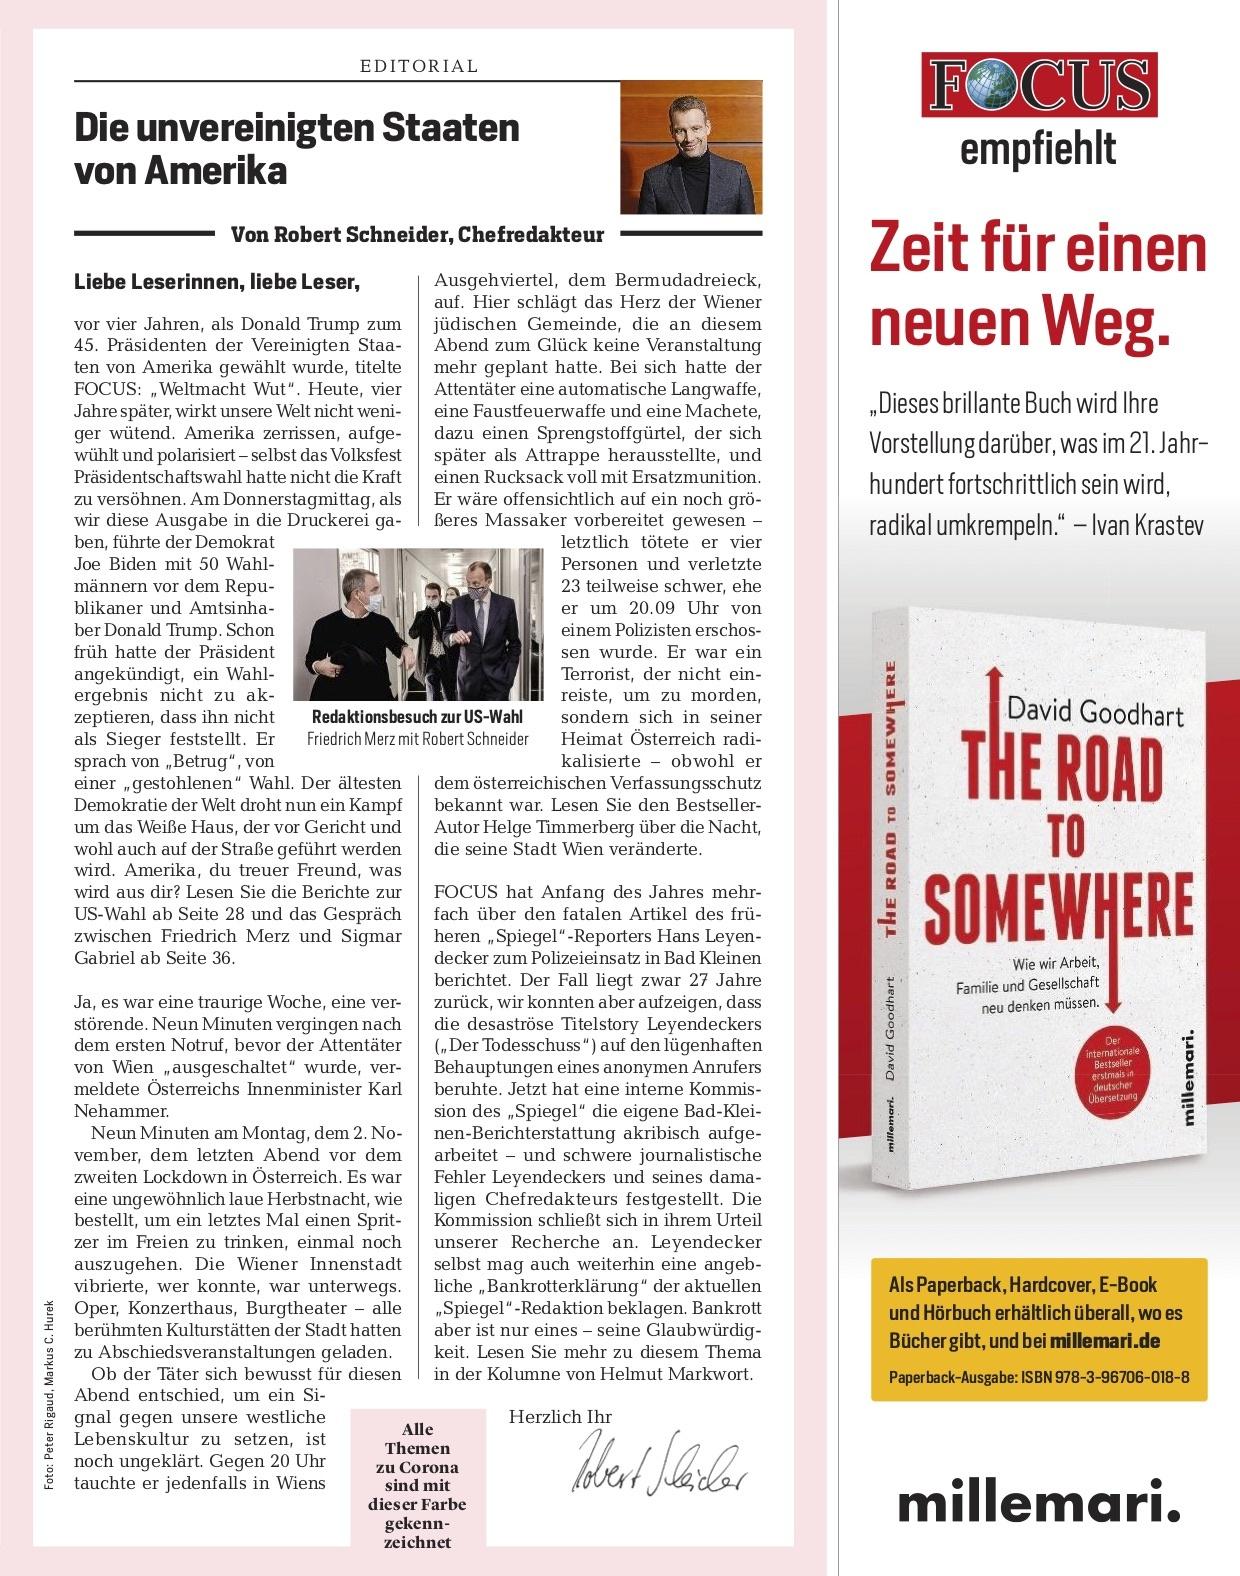 FOCUS Magazin FOCUS Magazin - So halten Sie durch!